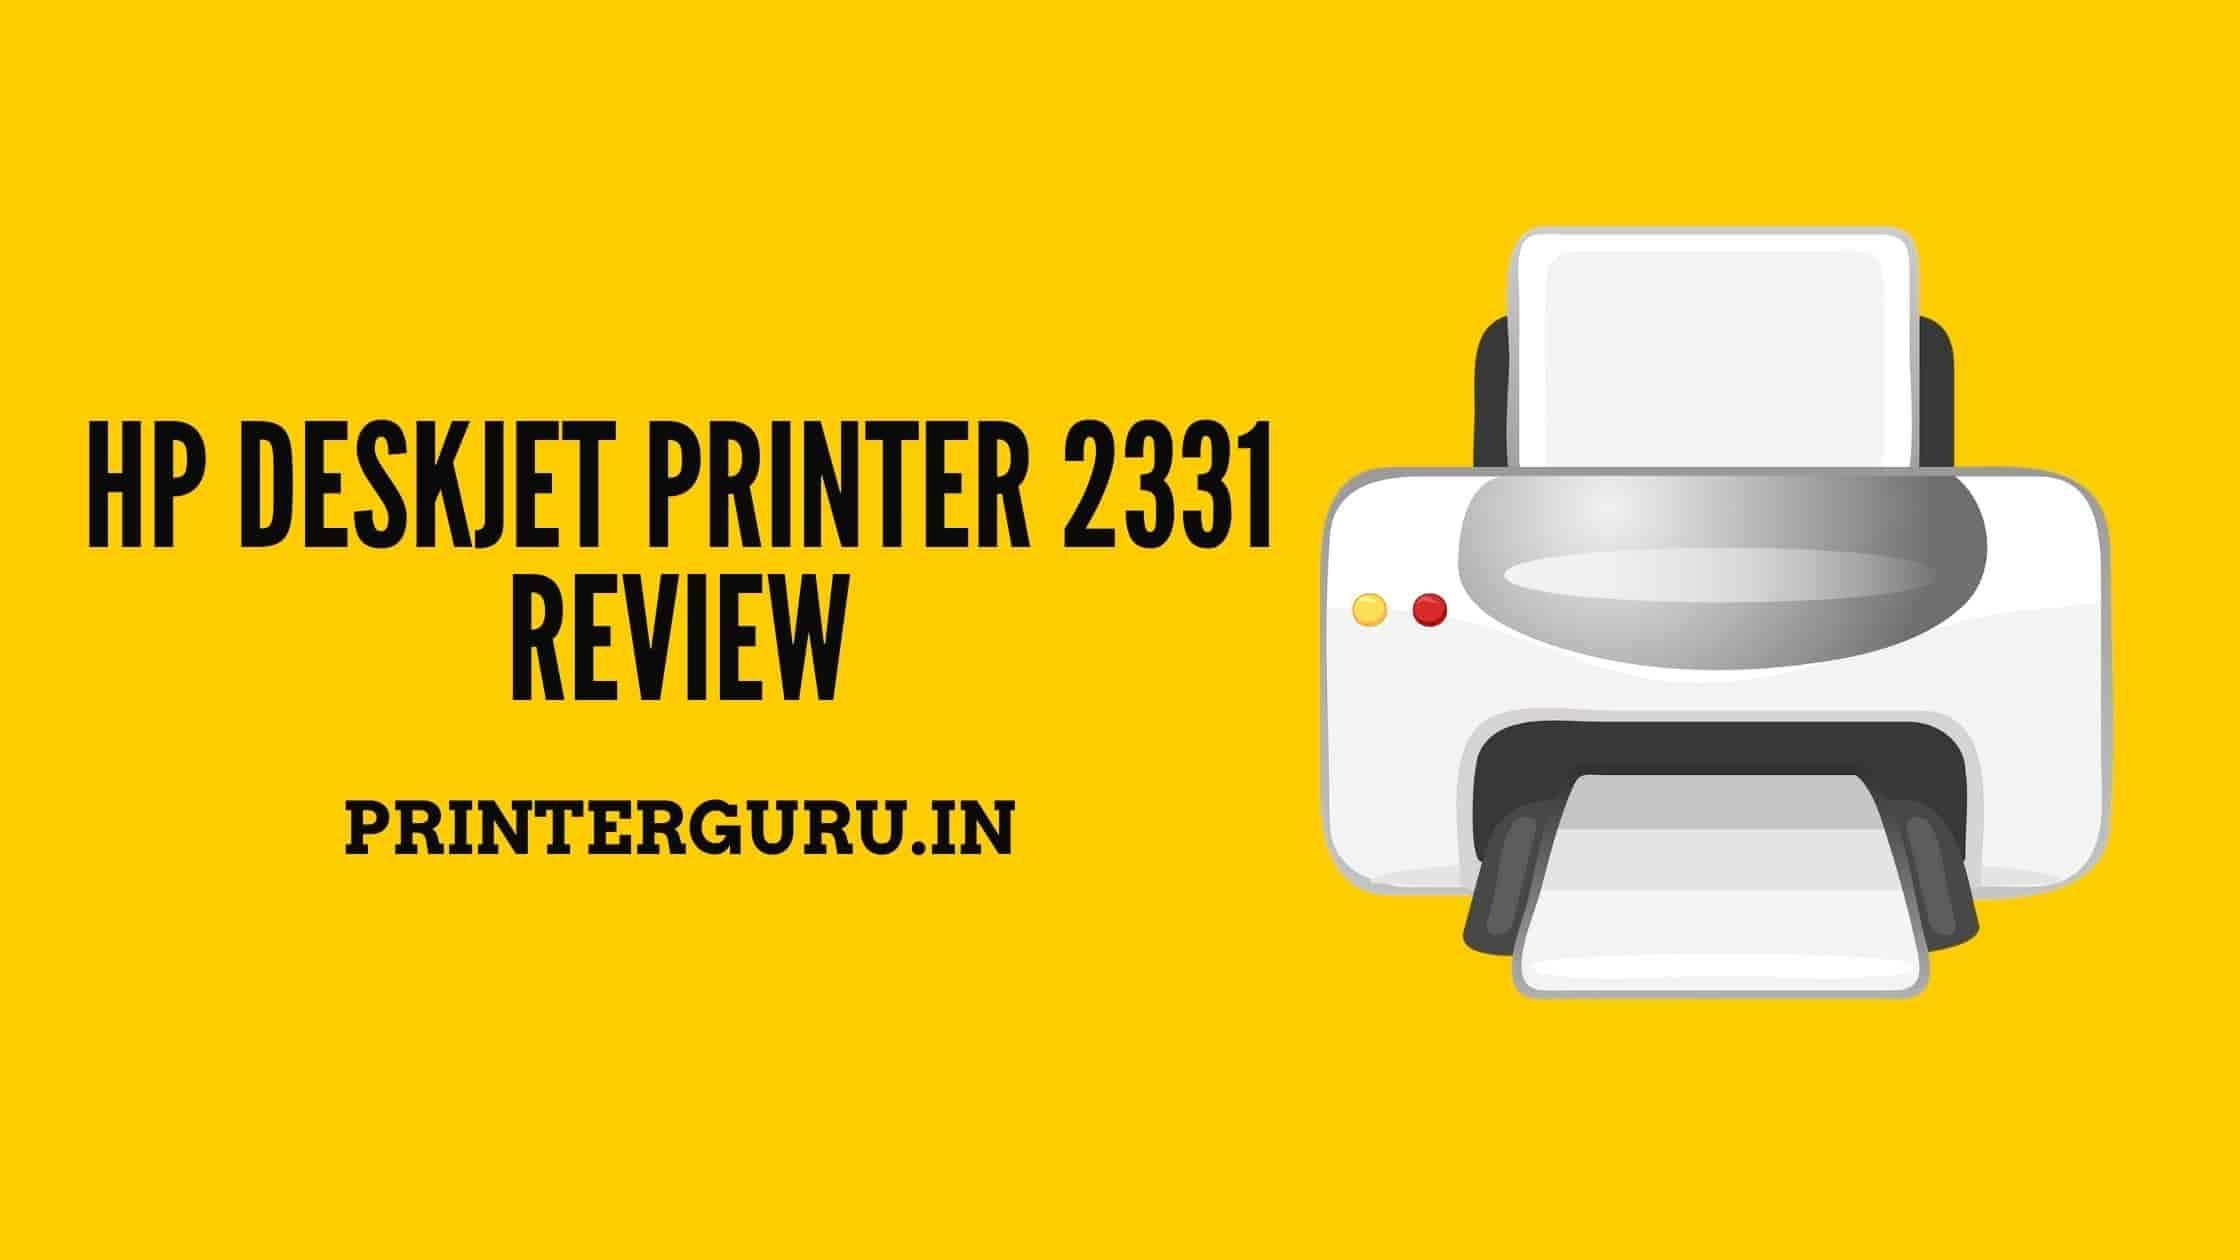 HP Deskjet 2331 Review